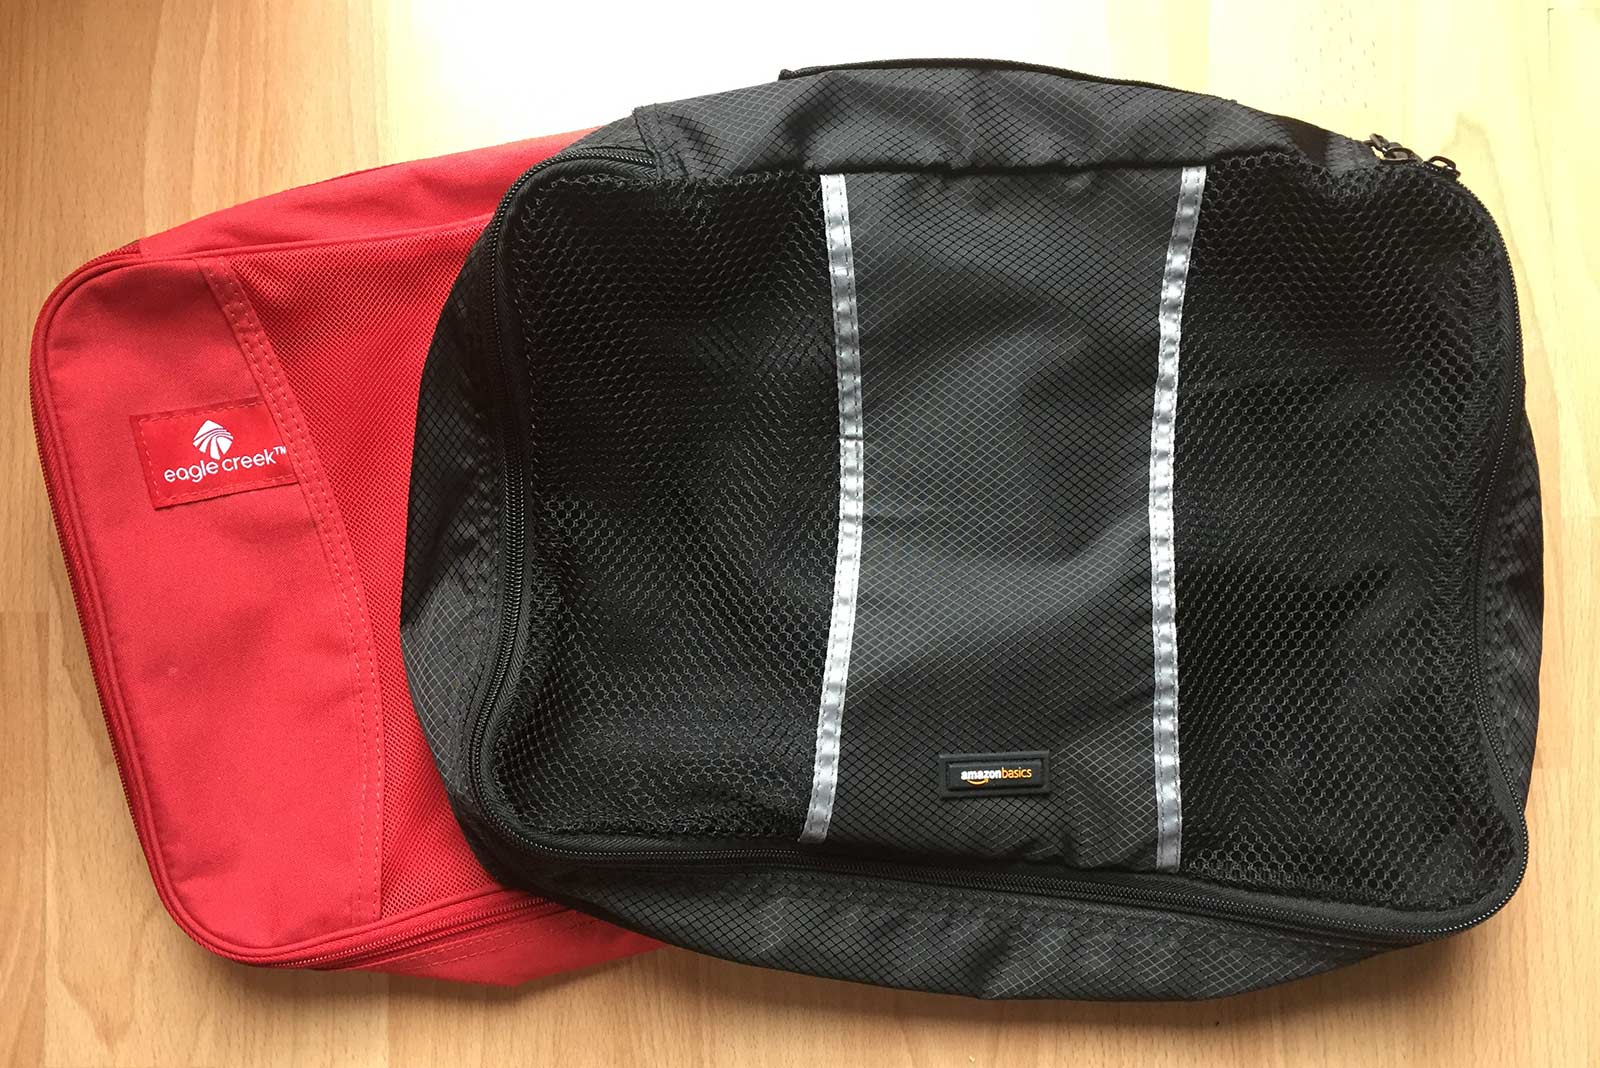 Packwürfel, Packtaschen, Pack it Cubes, Packing Cubes, Eagle Creek Packtaschen